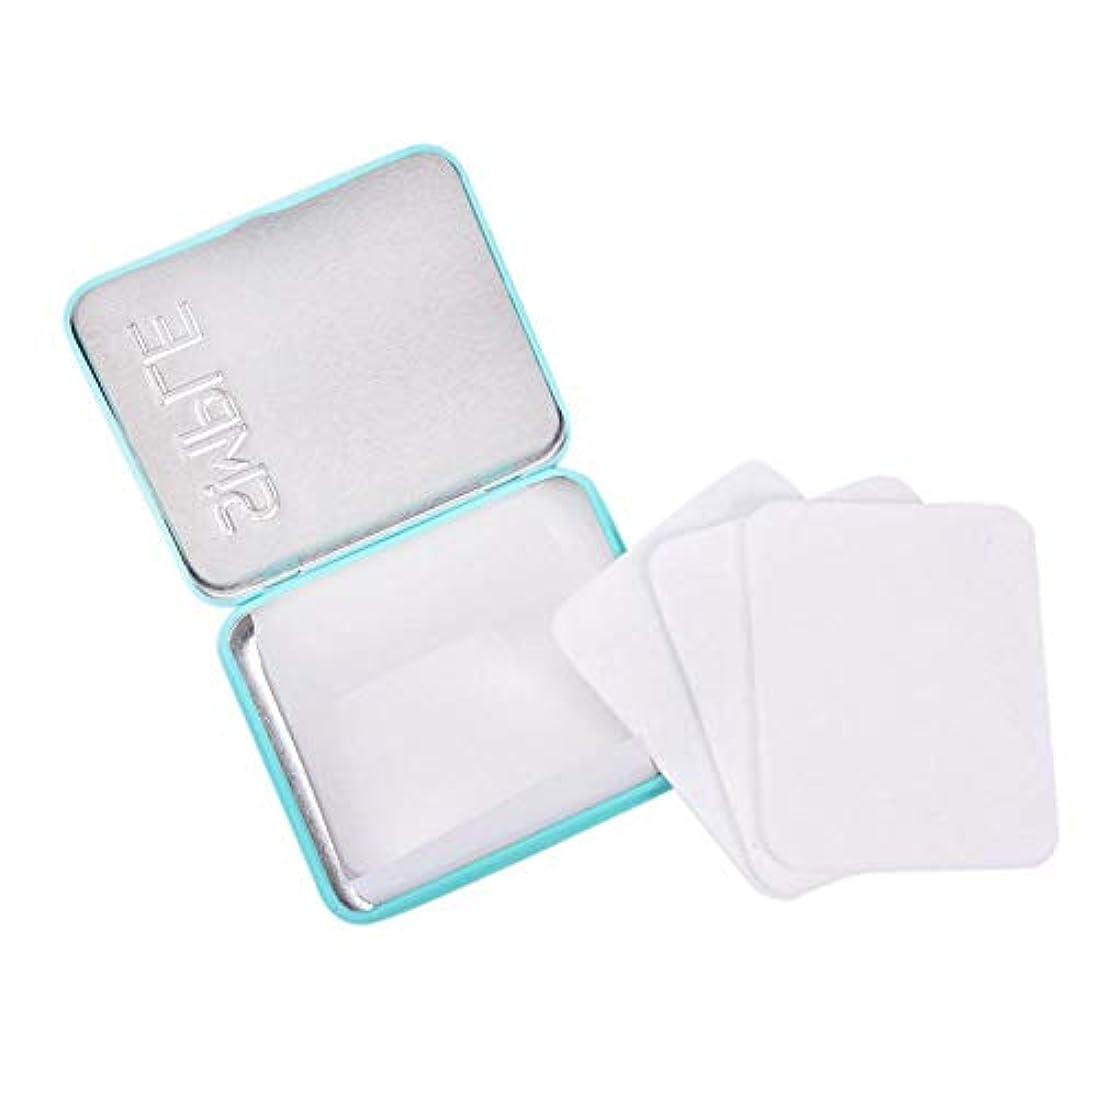 特定の日焼けひばり洗える化粧除去パッド 10個入りソフトクリーニングコットンラウンド化粧品洗顔料クリーニングコットンパッド 化粧道具